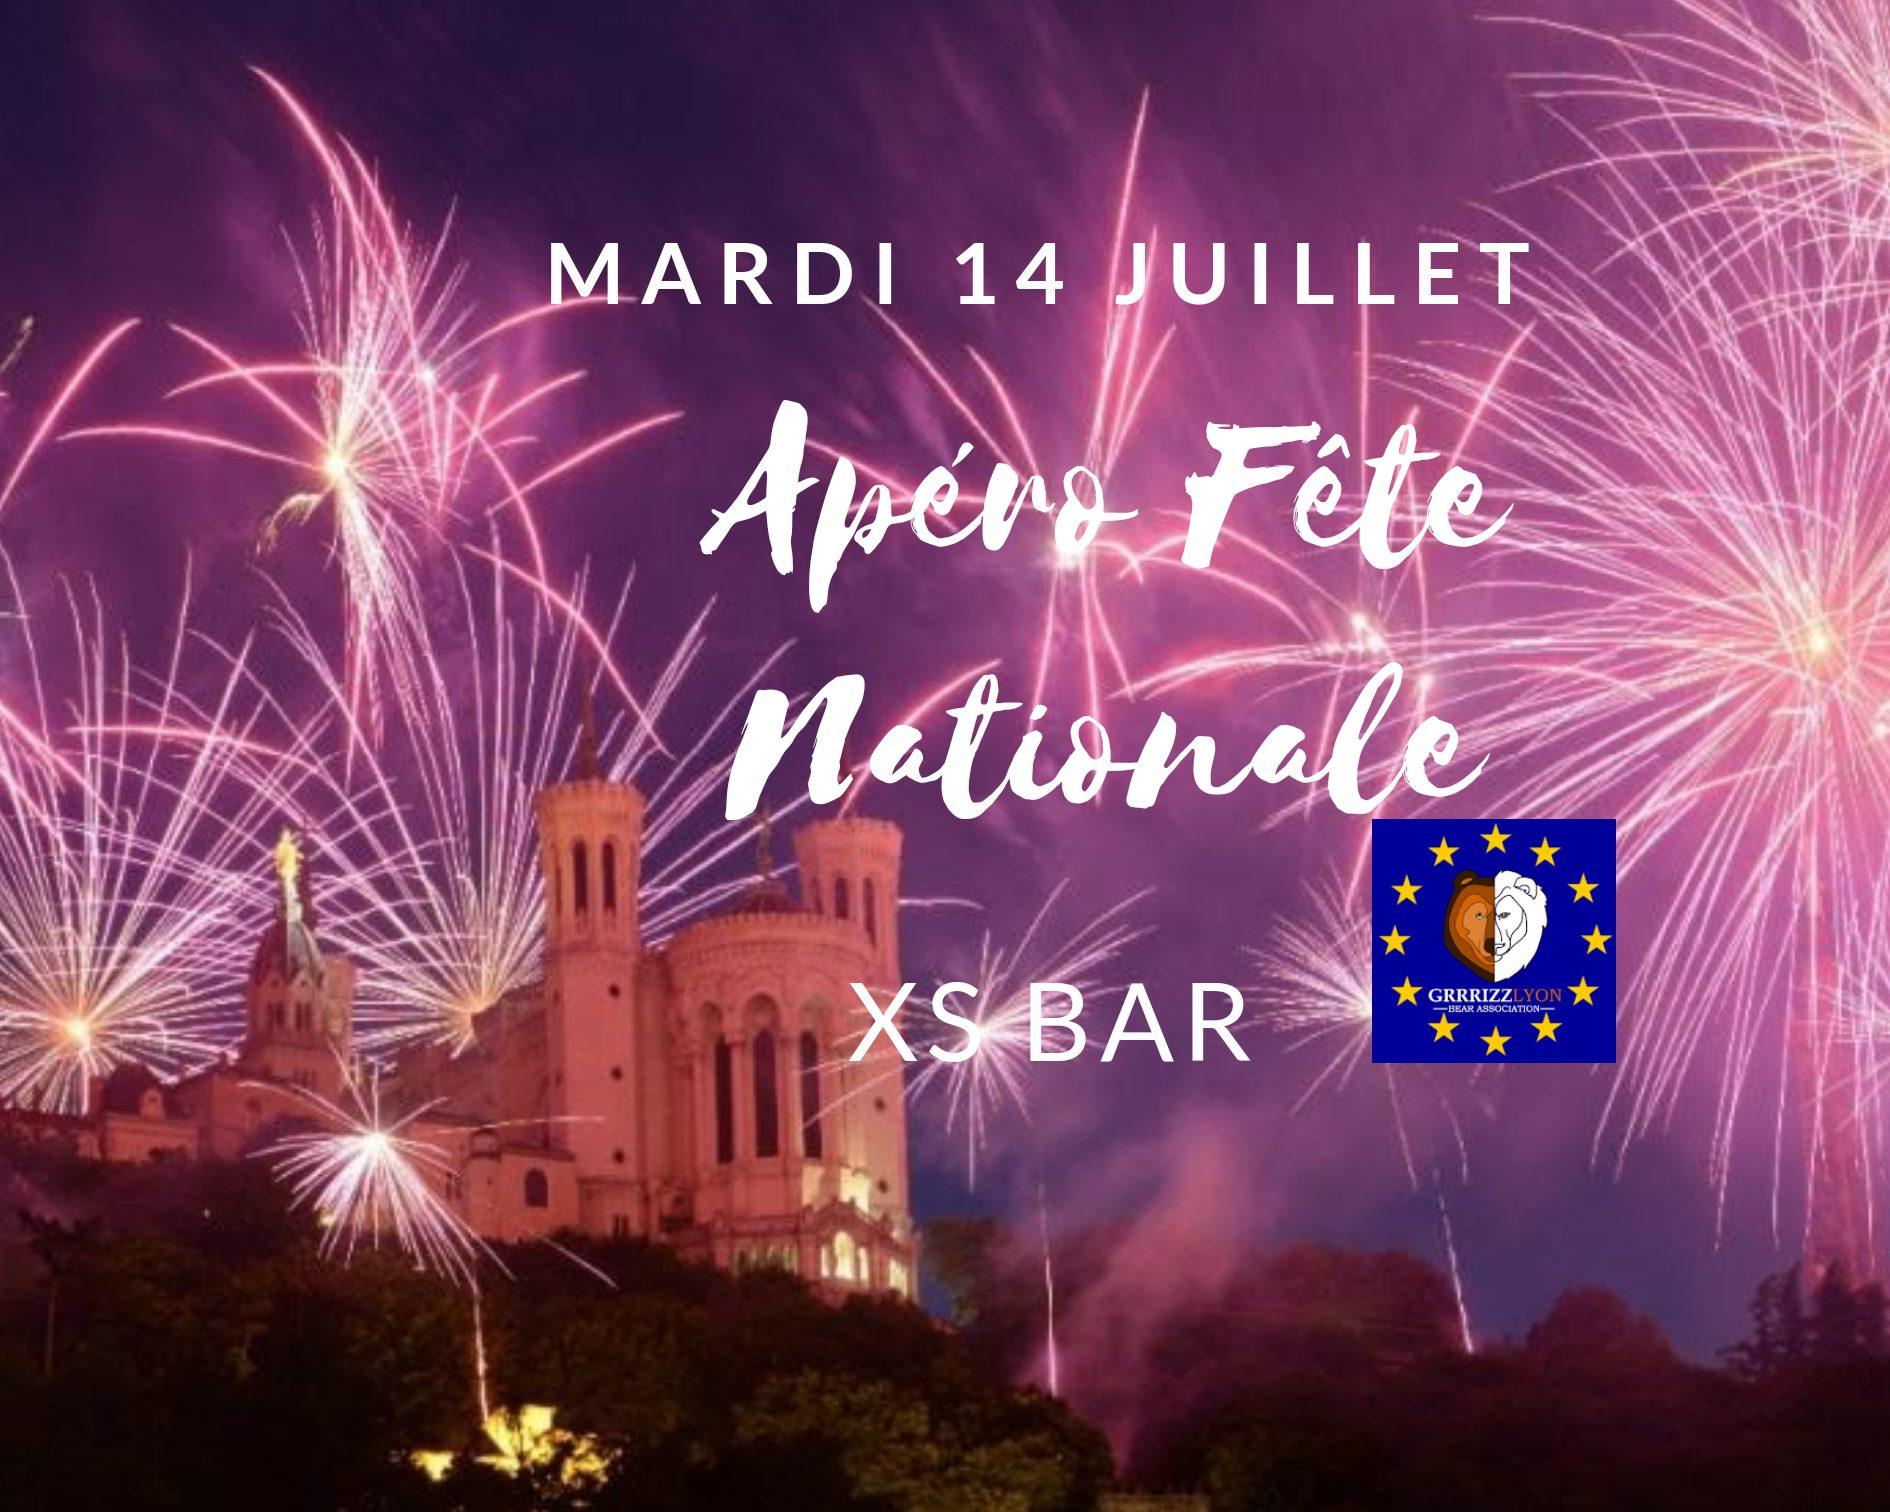 Apéro Fête Nationale, mardi 14 juillet  21 heures, XS Bar